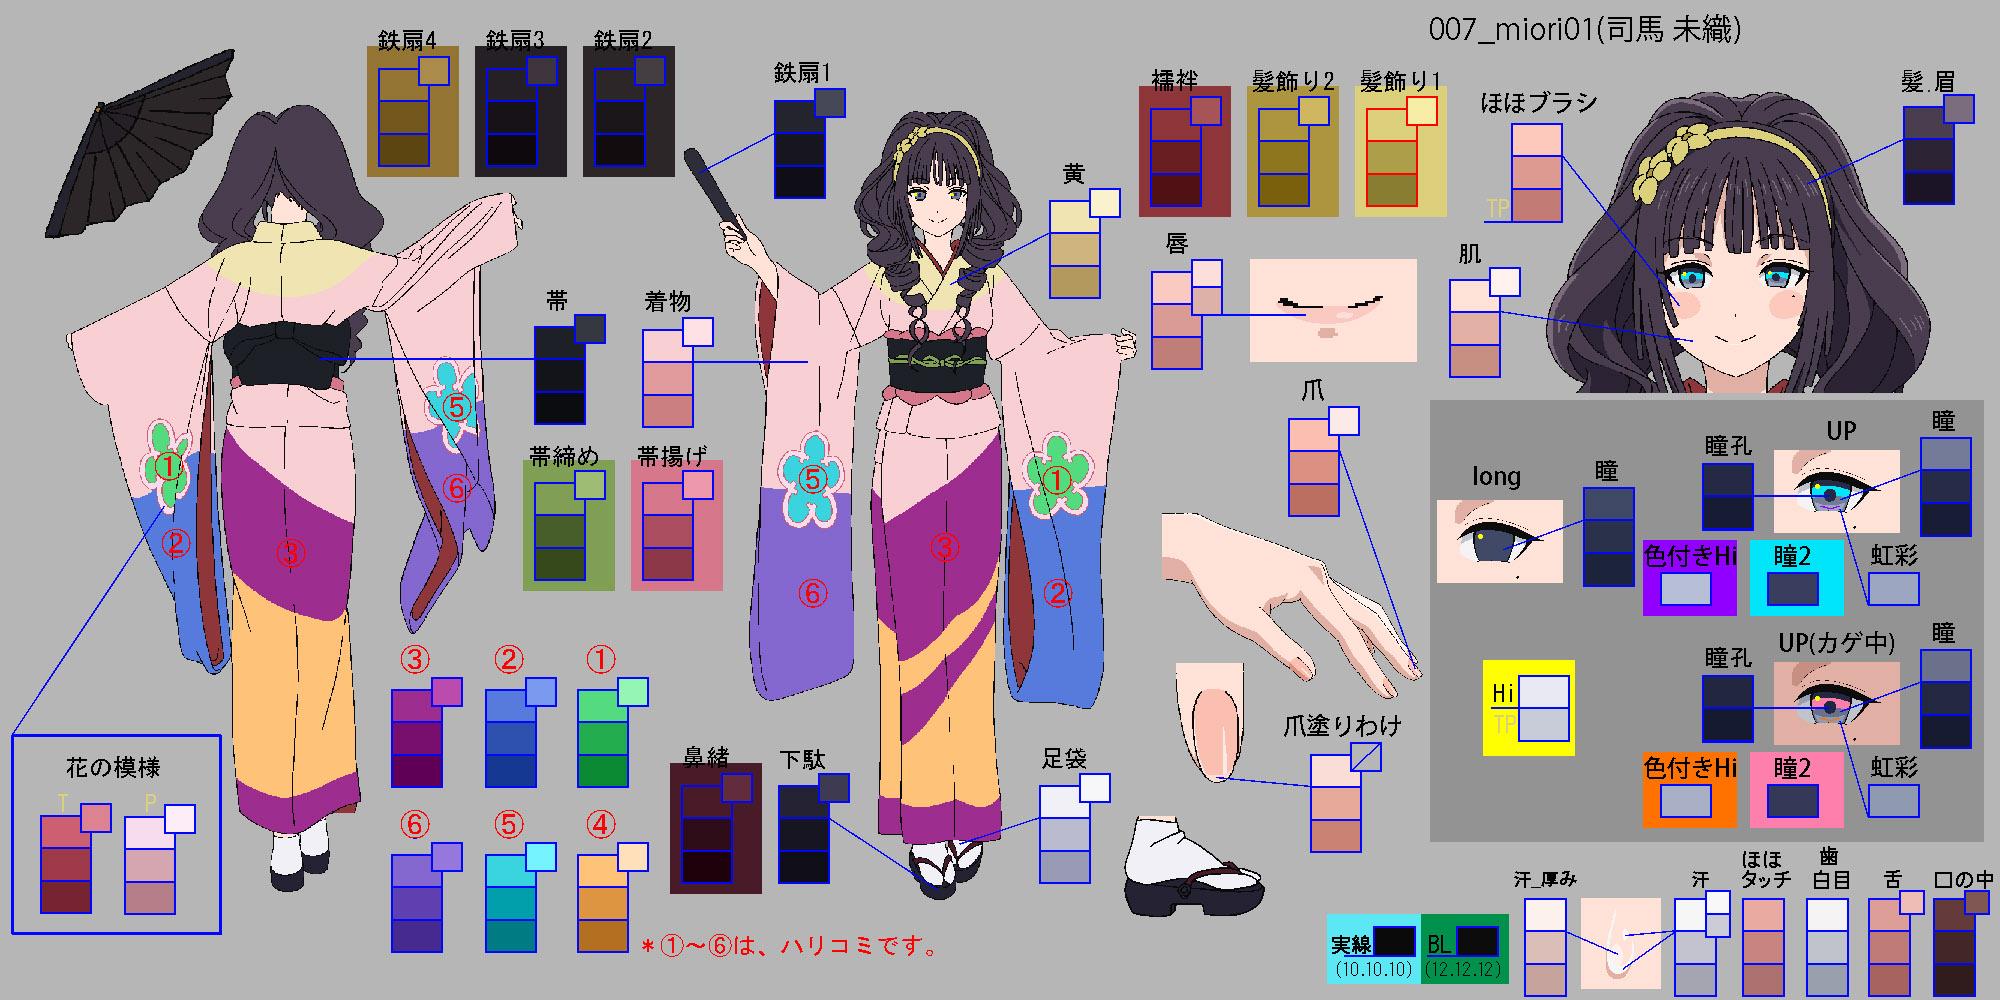 漆黑的子弹 原画设定素材 资源海美图阁 Cg资源海 Cgyaojiaohai Com